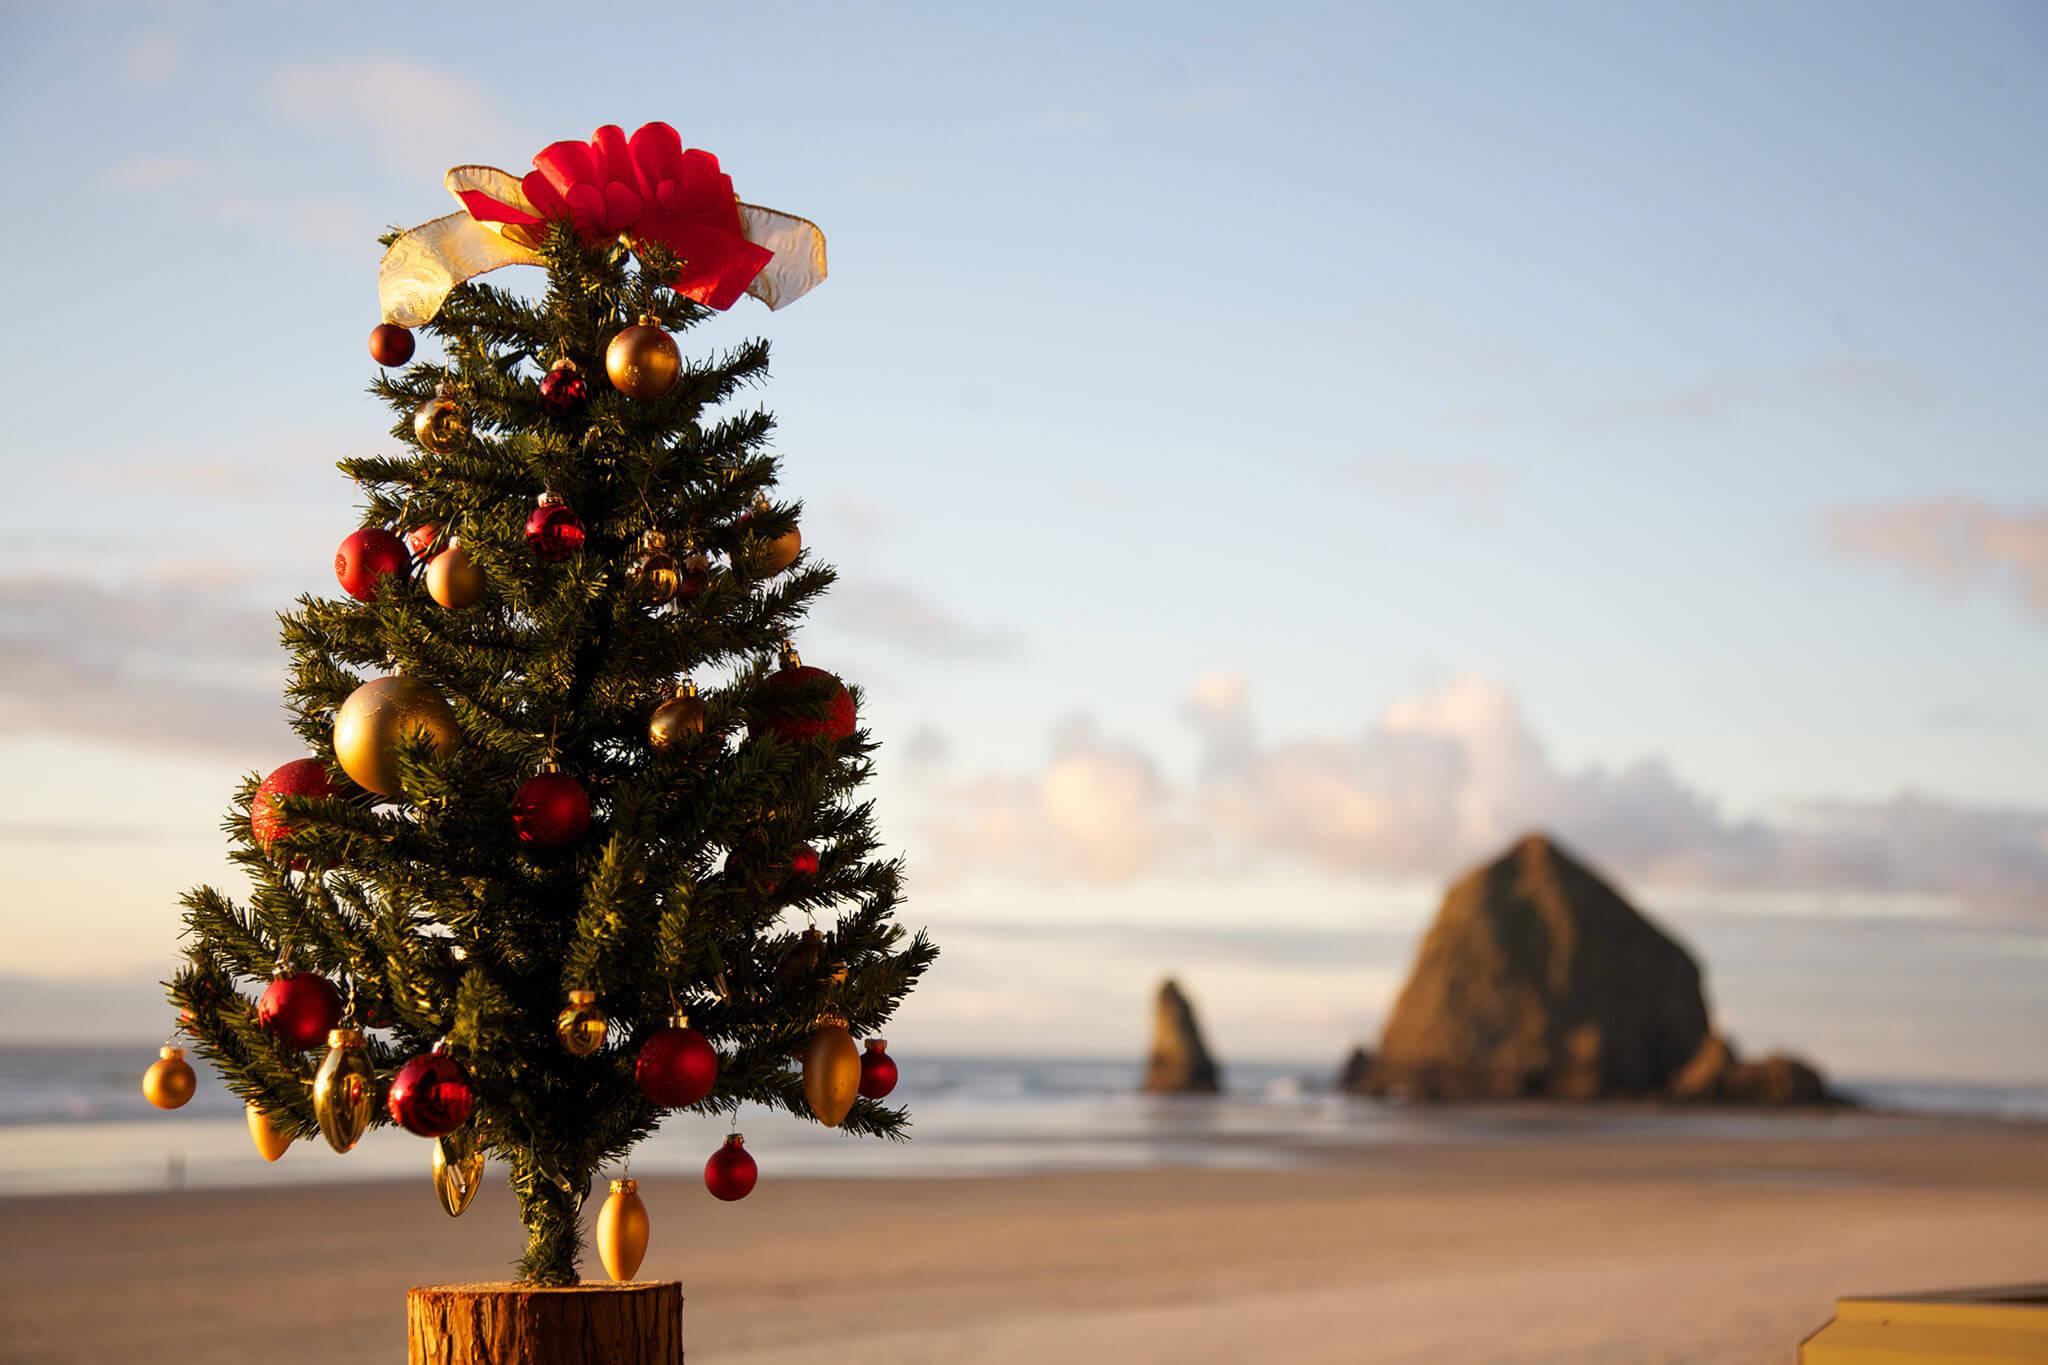 Cannon-Beach-Christmas-Tree-min - Stephanie Inn - Oceanfront Hotel in Cannon Beach, Oregon